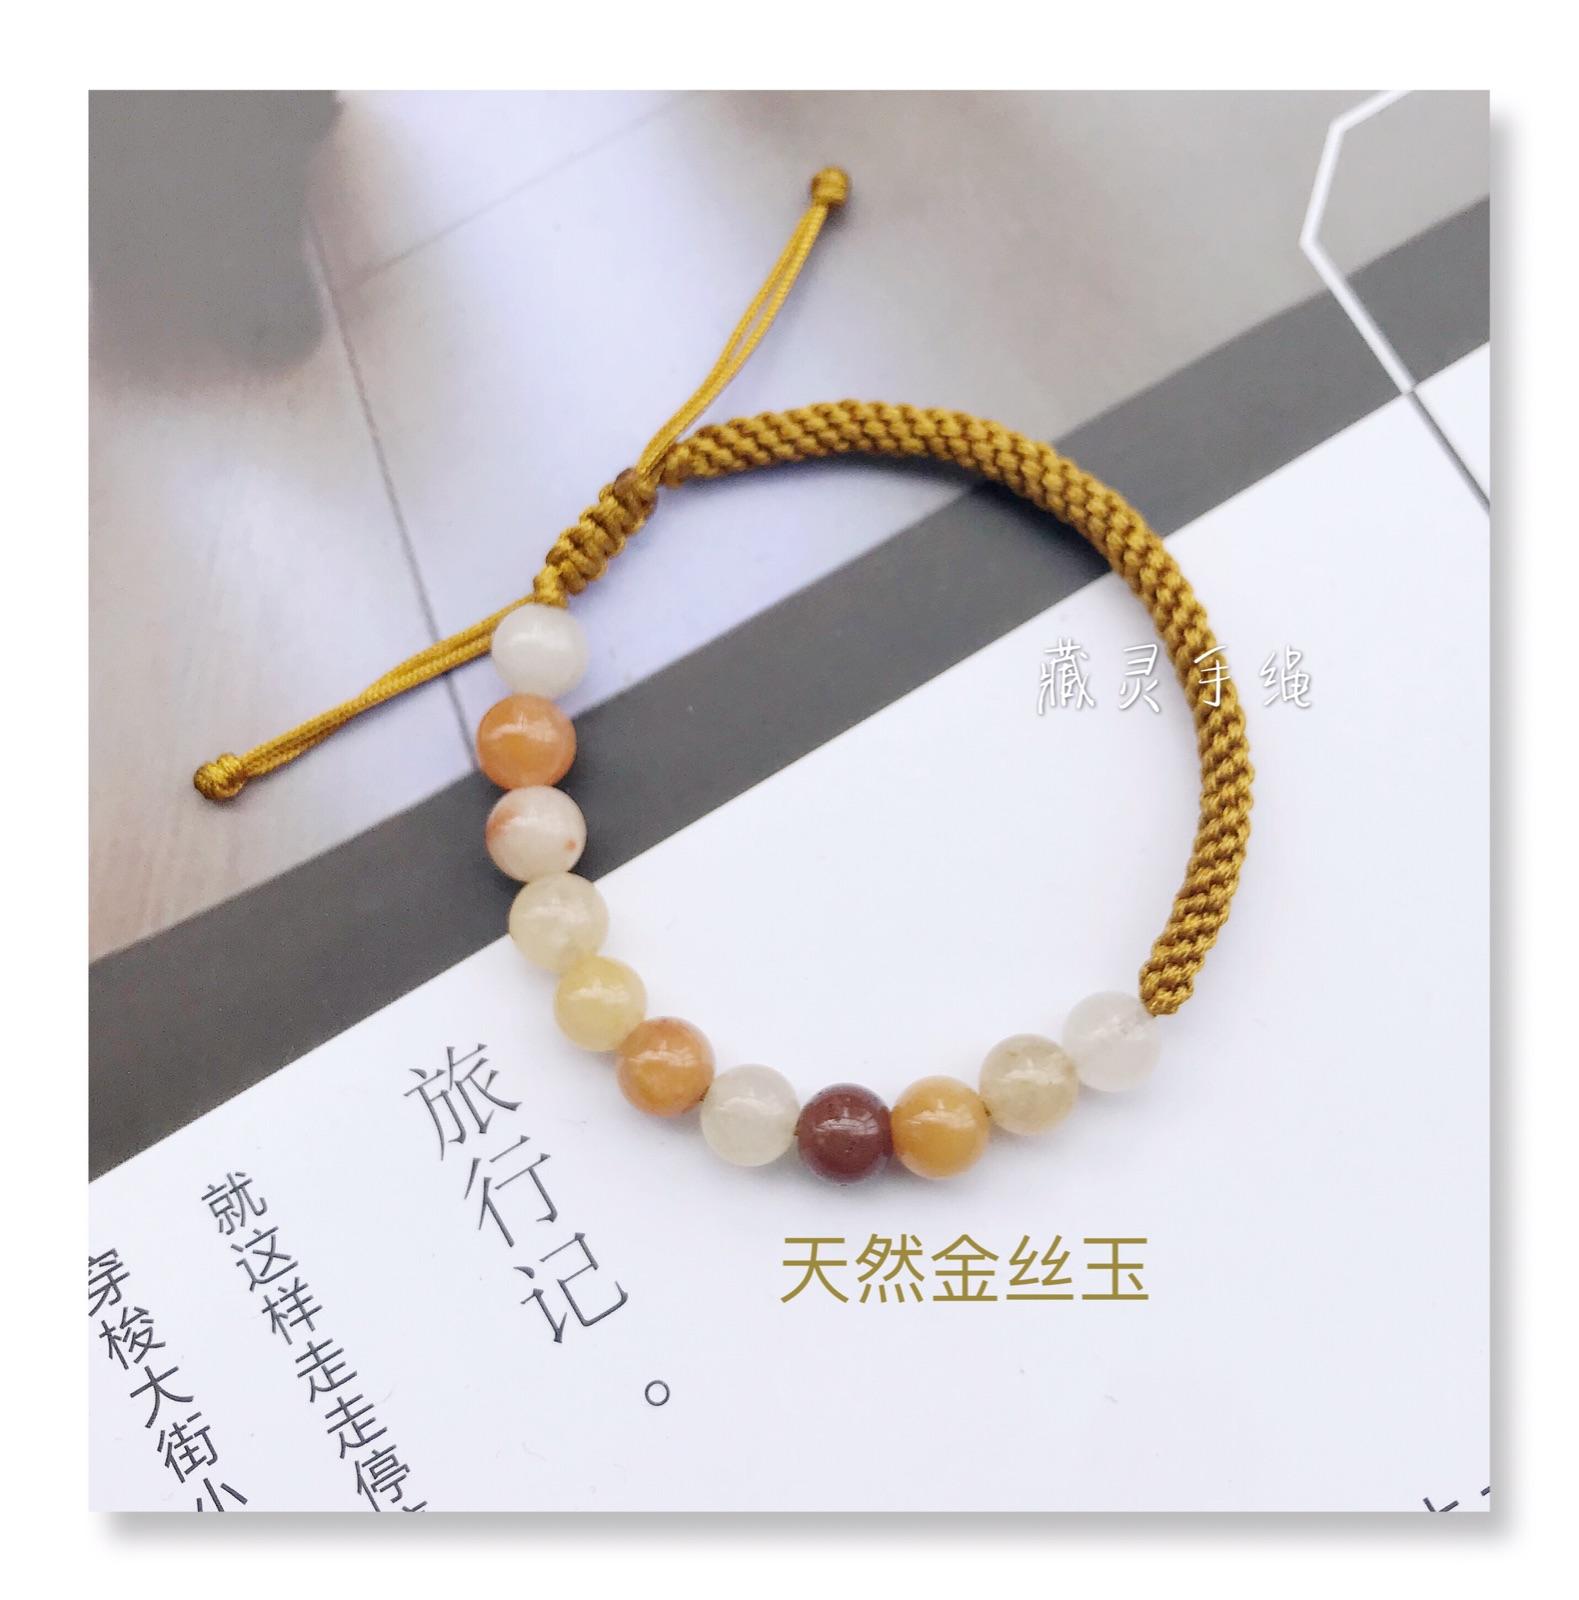 平安转运健康 天然金丝玉红绳手工编织手链手串女饰品可调节学生